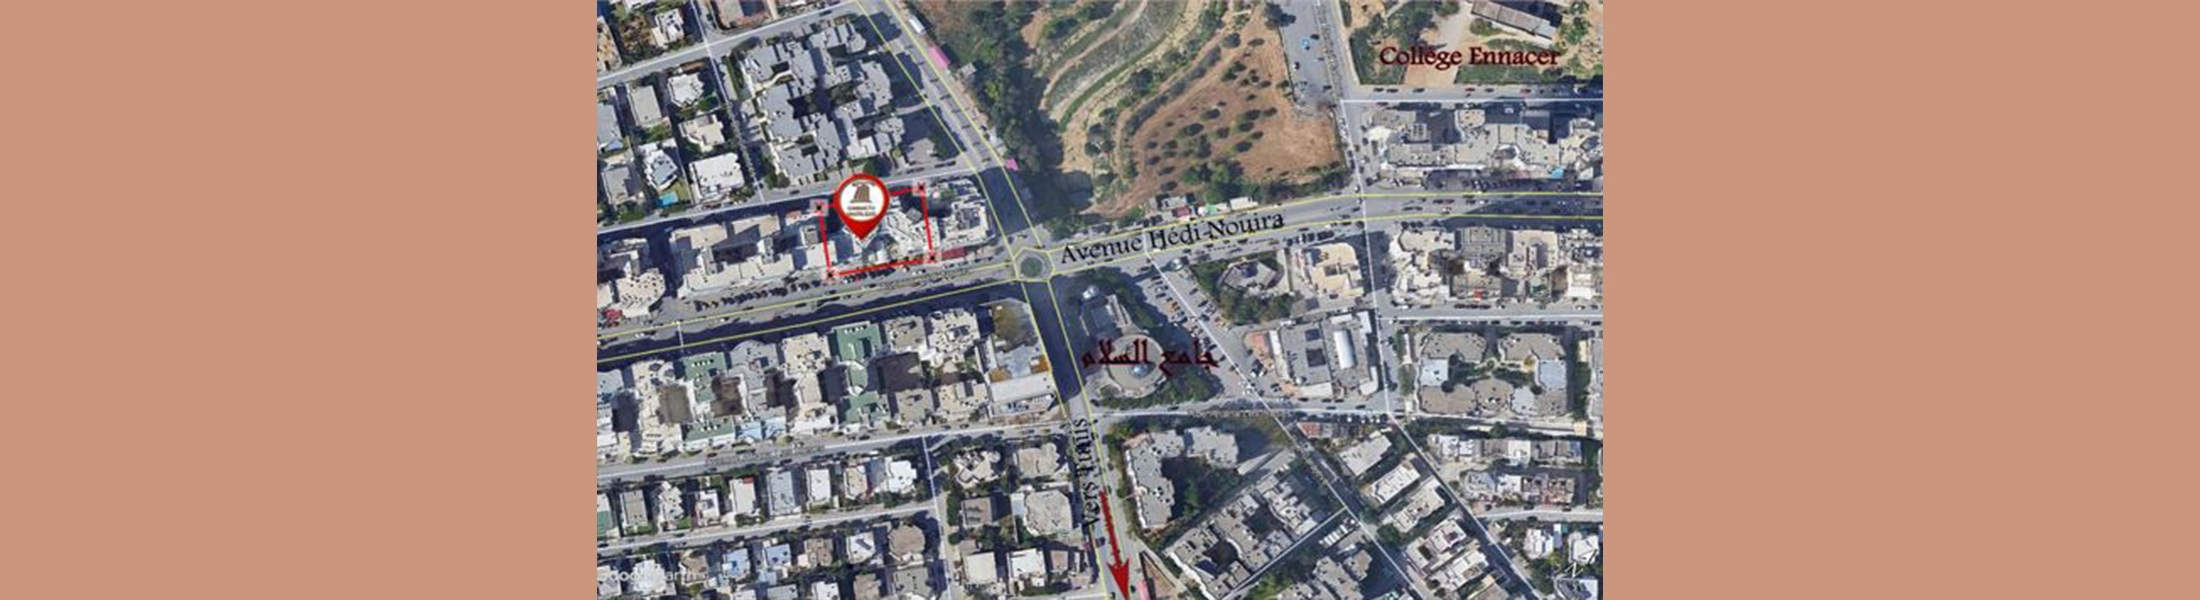 الشقة الفة 2 - حي النصر 2 - اريانة (طلب العروض عدد 01 لسنة 2021)